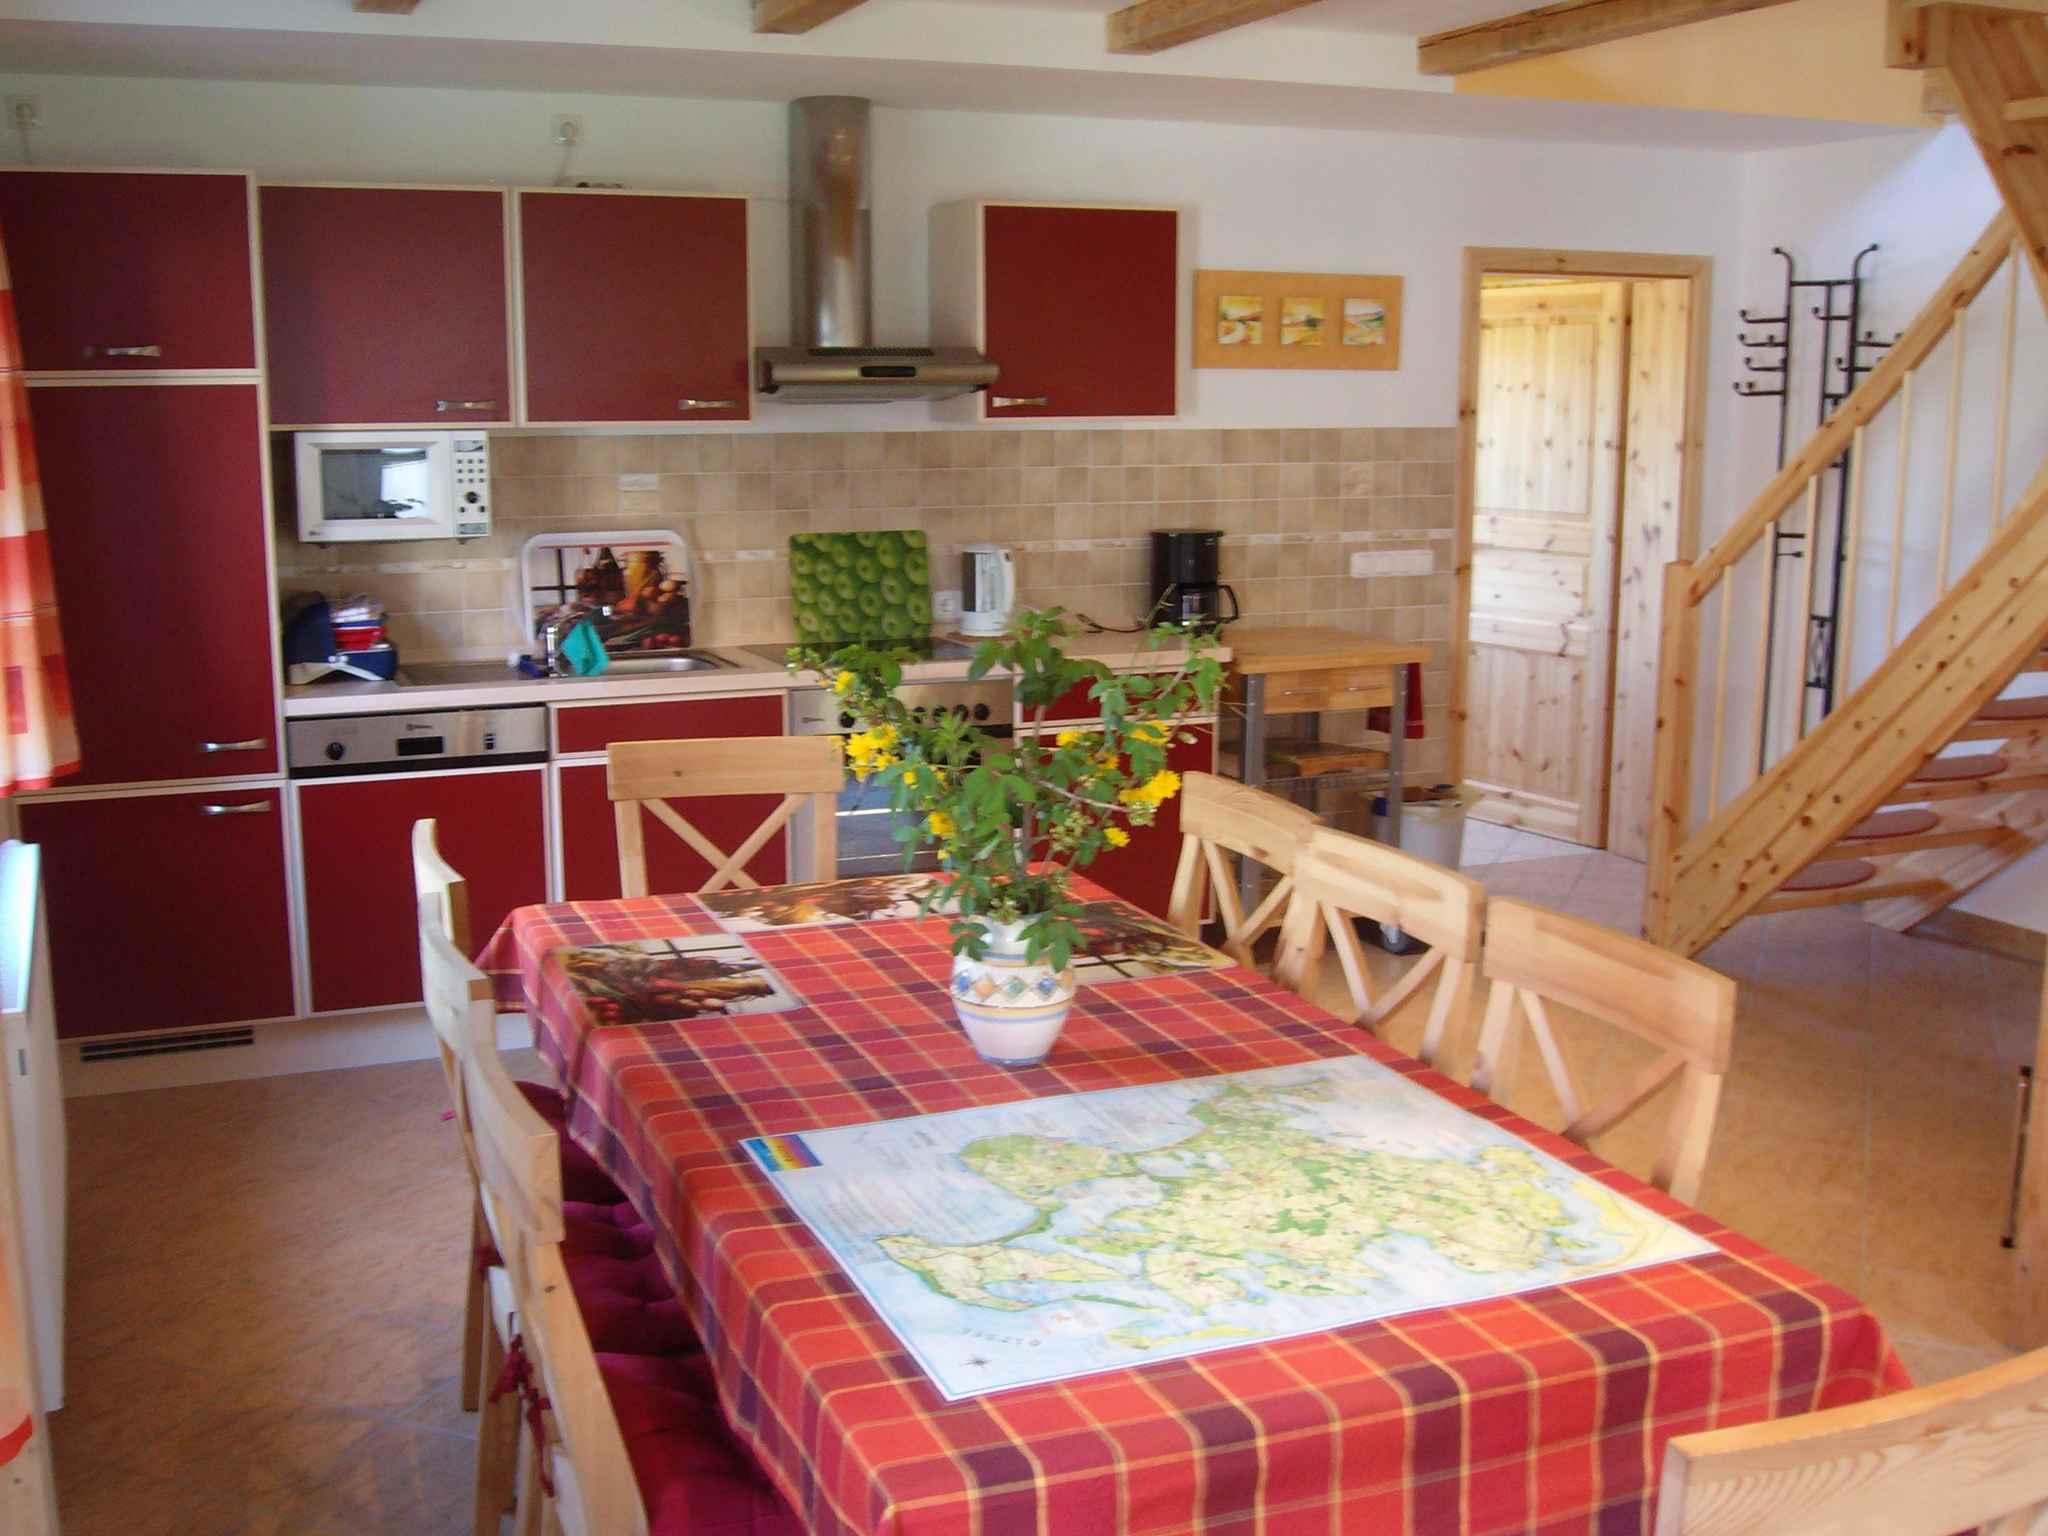 Ferienhaus mit Garten und Terrasse, 800 m zum Strand (314511), Gustow, Rügen, Mecklenburg-Vorpommern, Deutschland, Bild 11